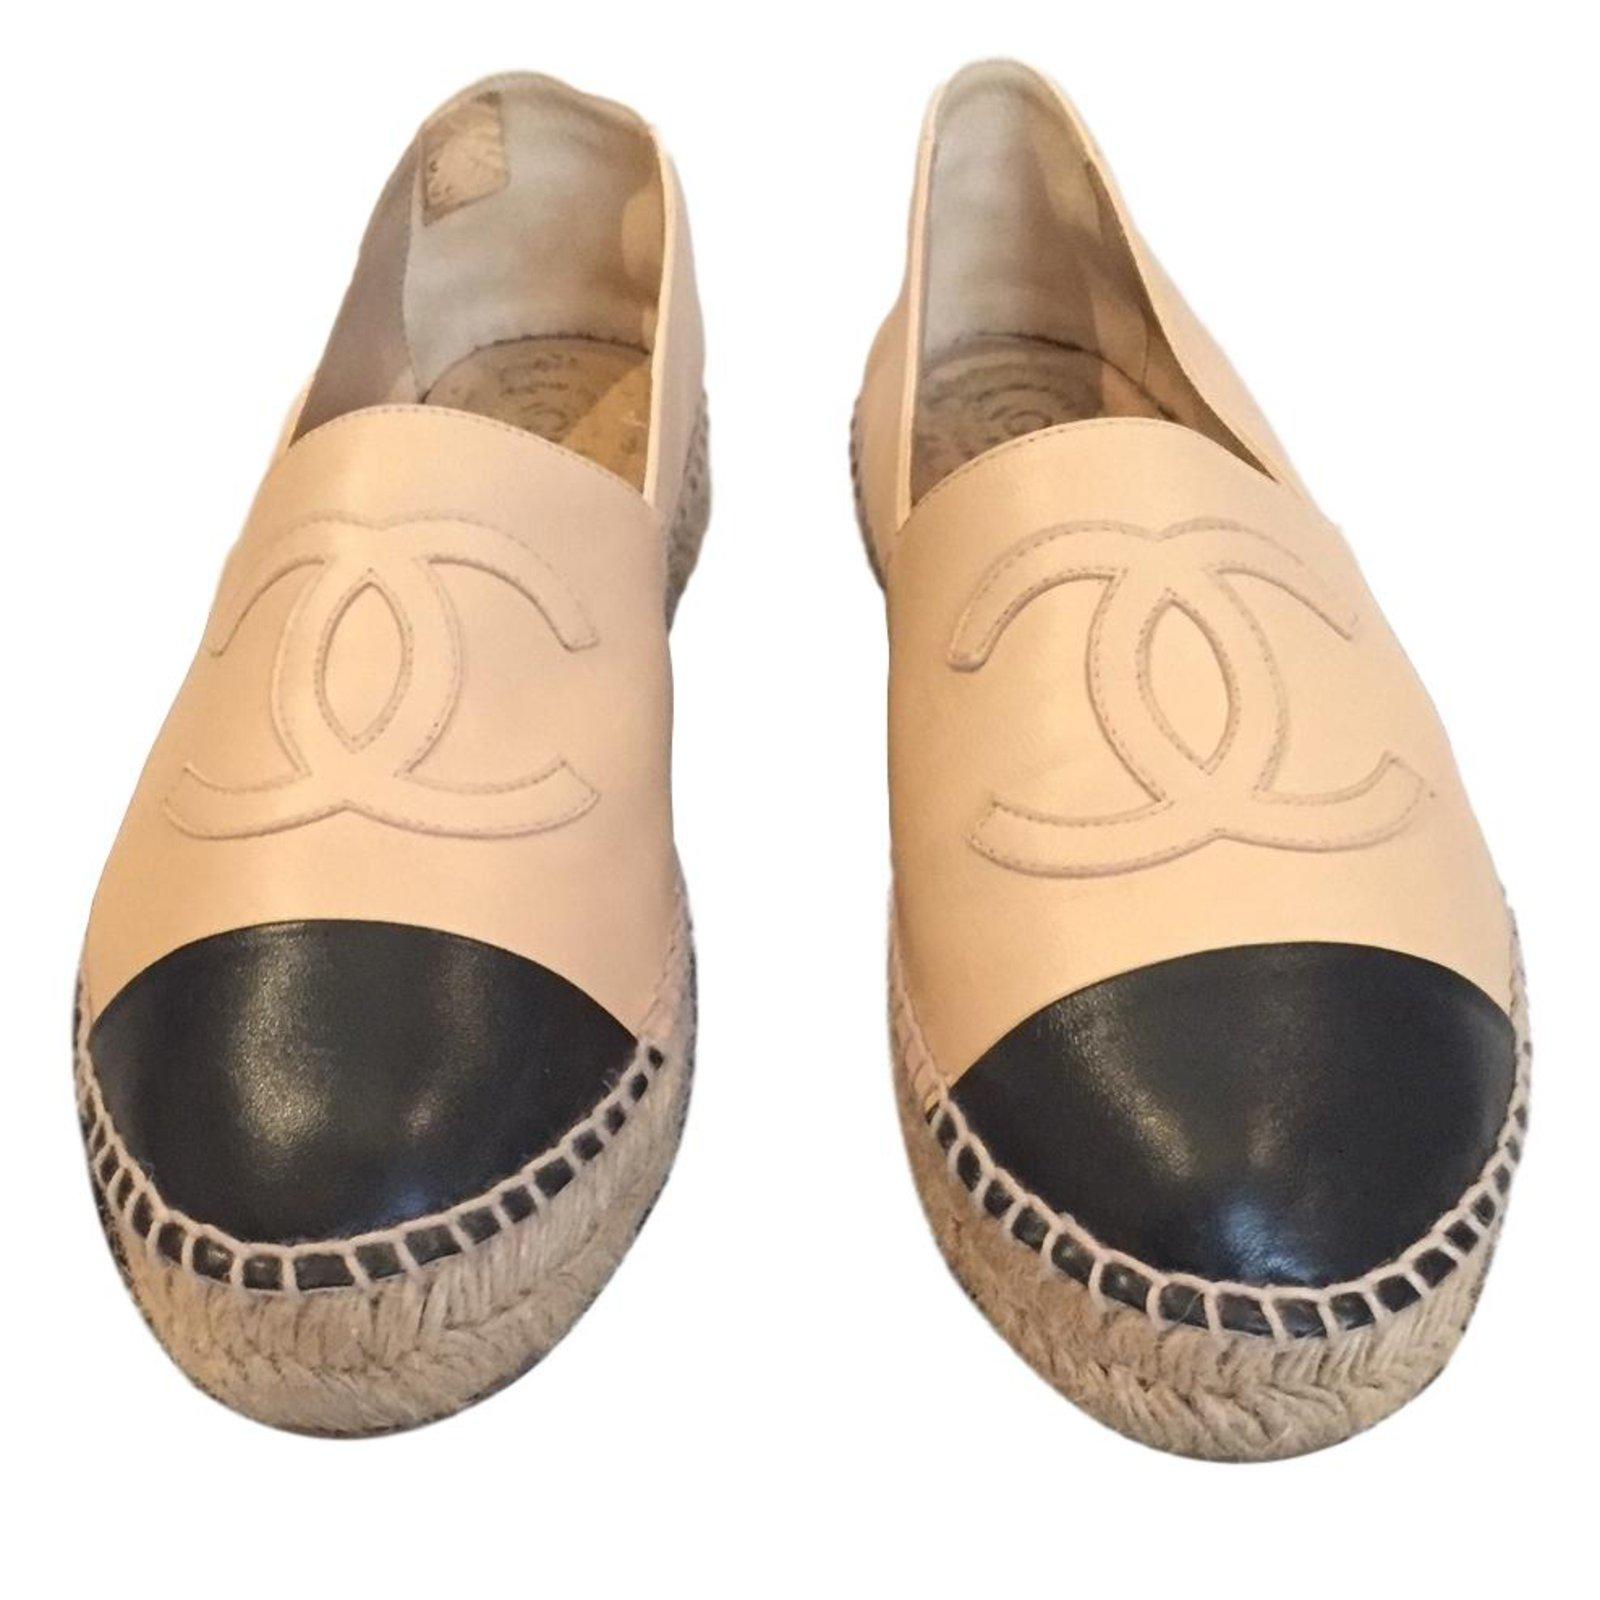 Chanel Shoes Espadrilles Black